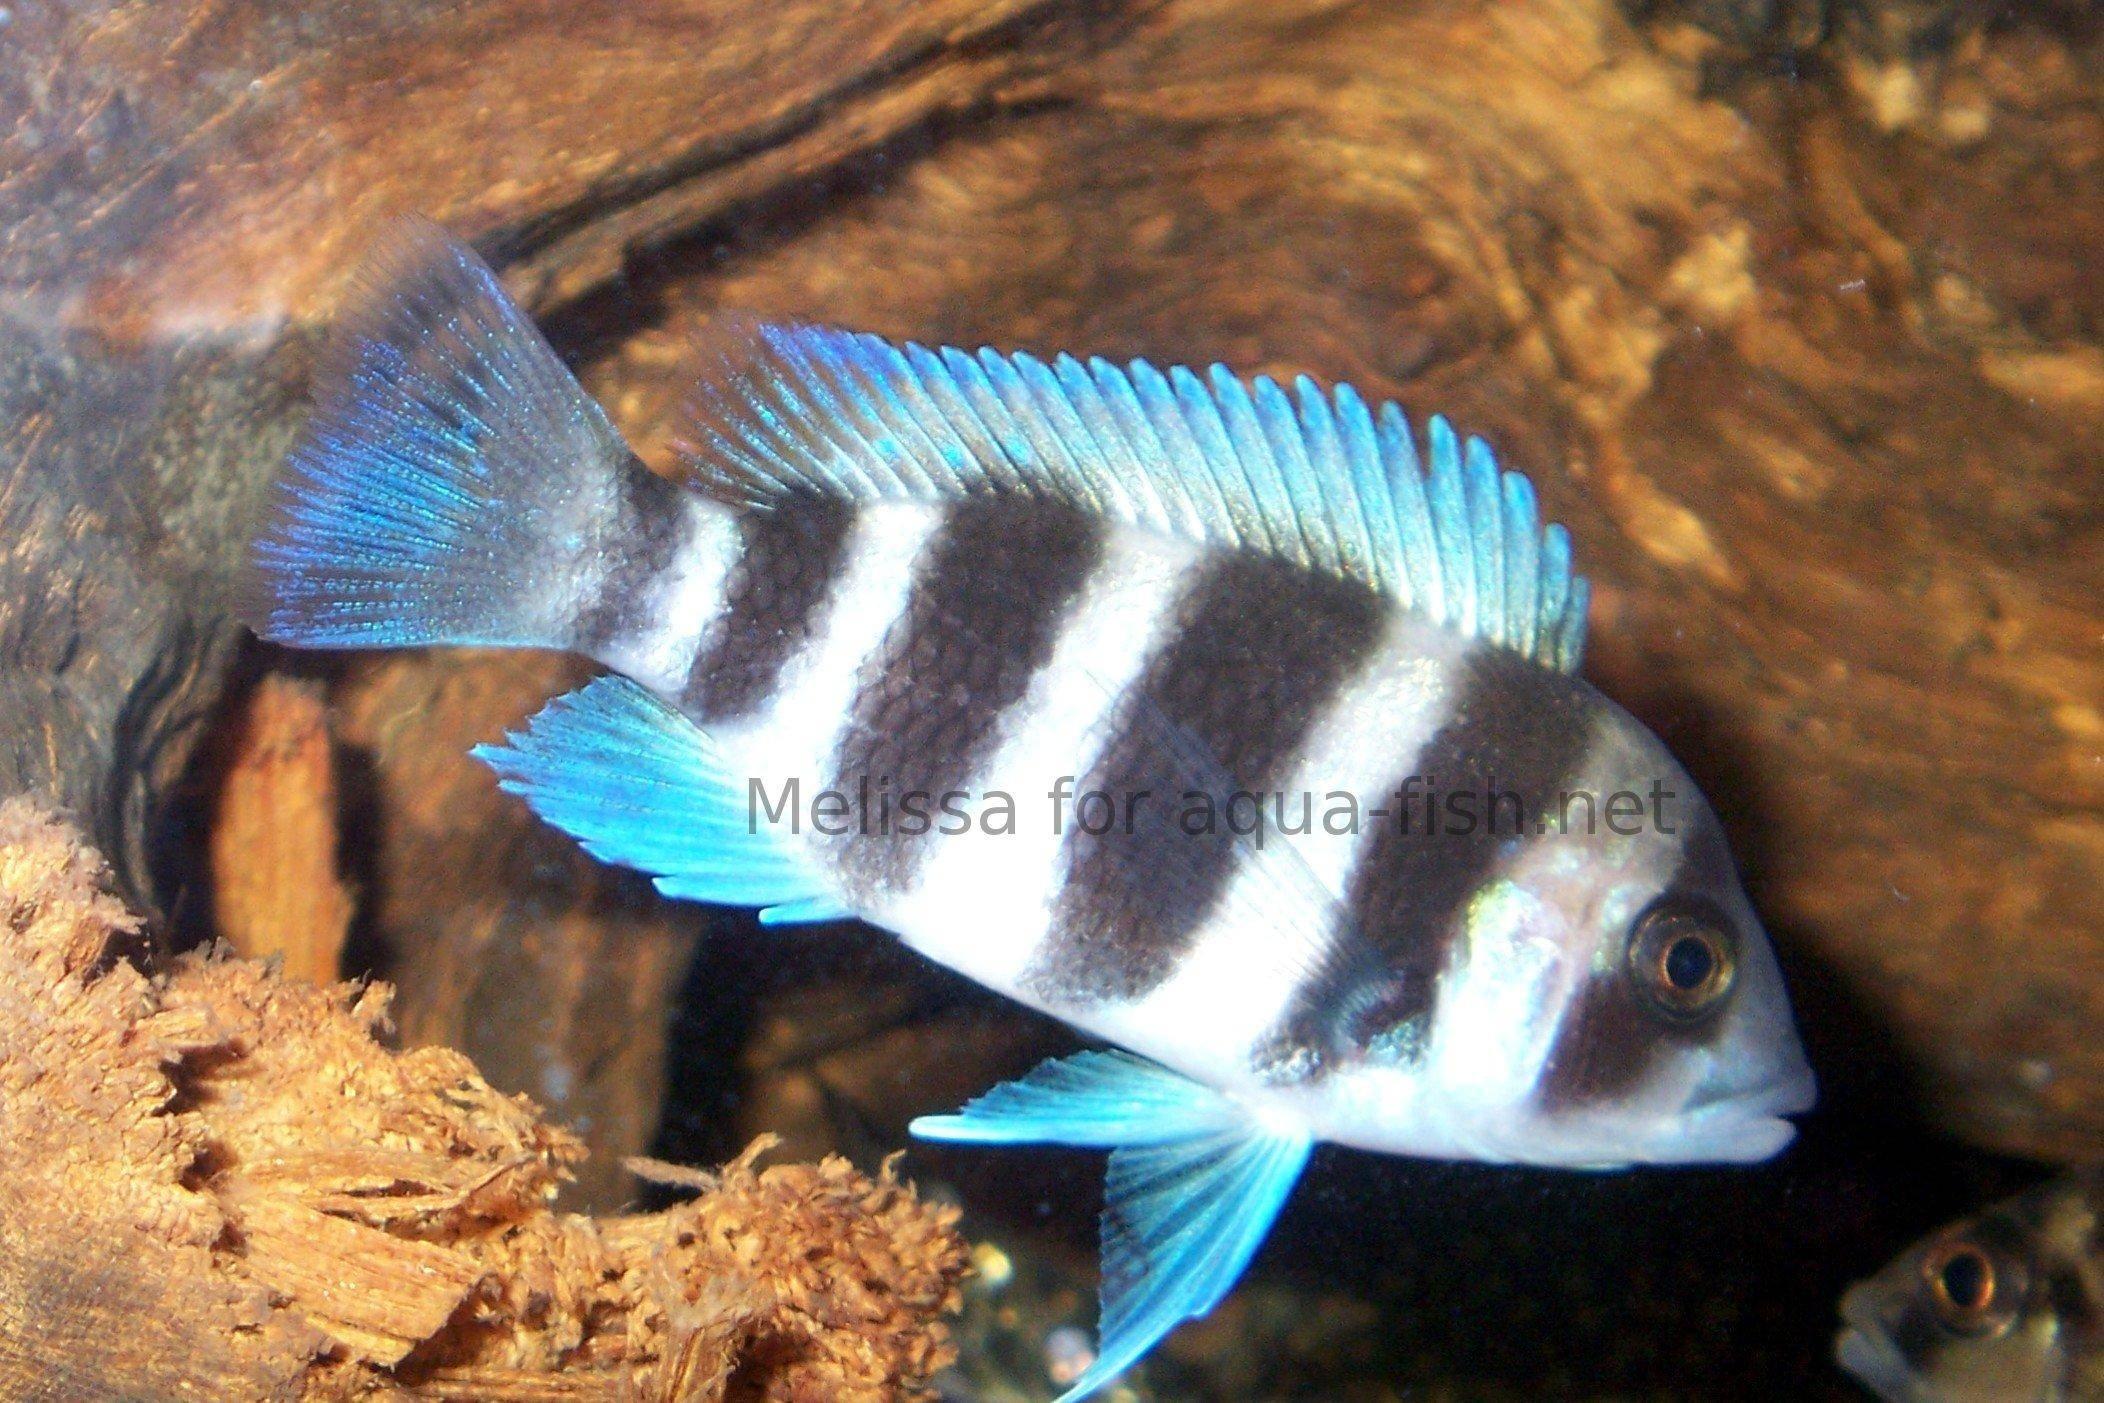 Frontosa Cichlid - Aquarium care, diet, sexing, breeding & more